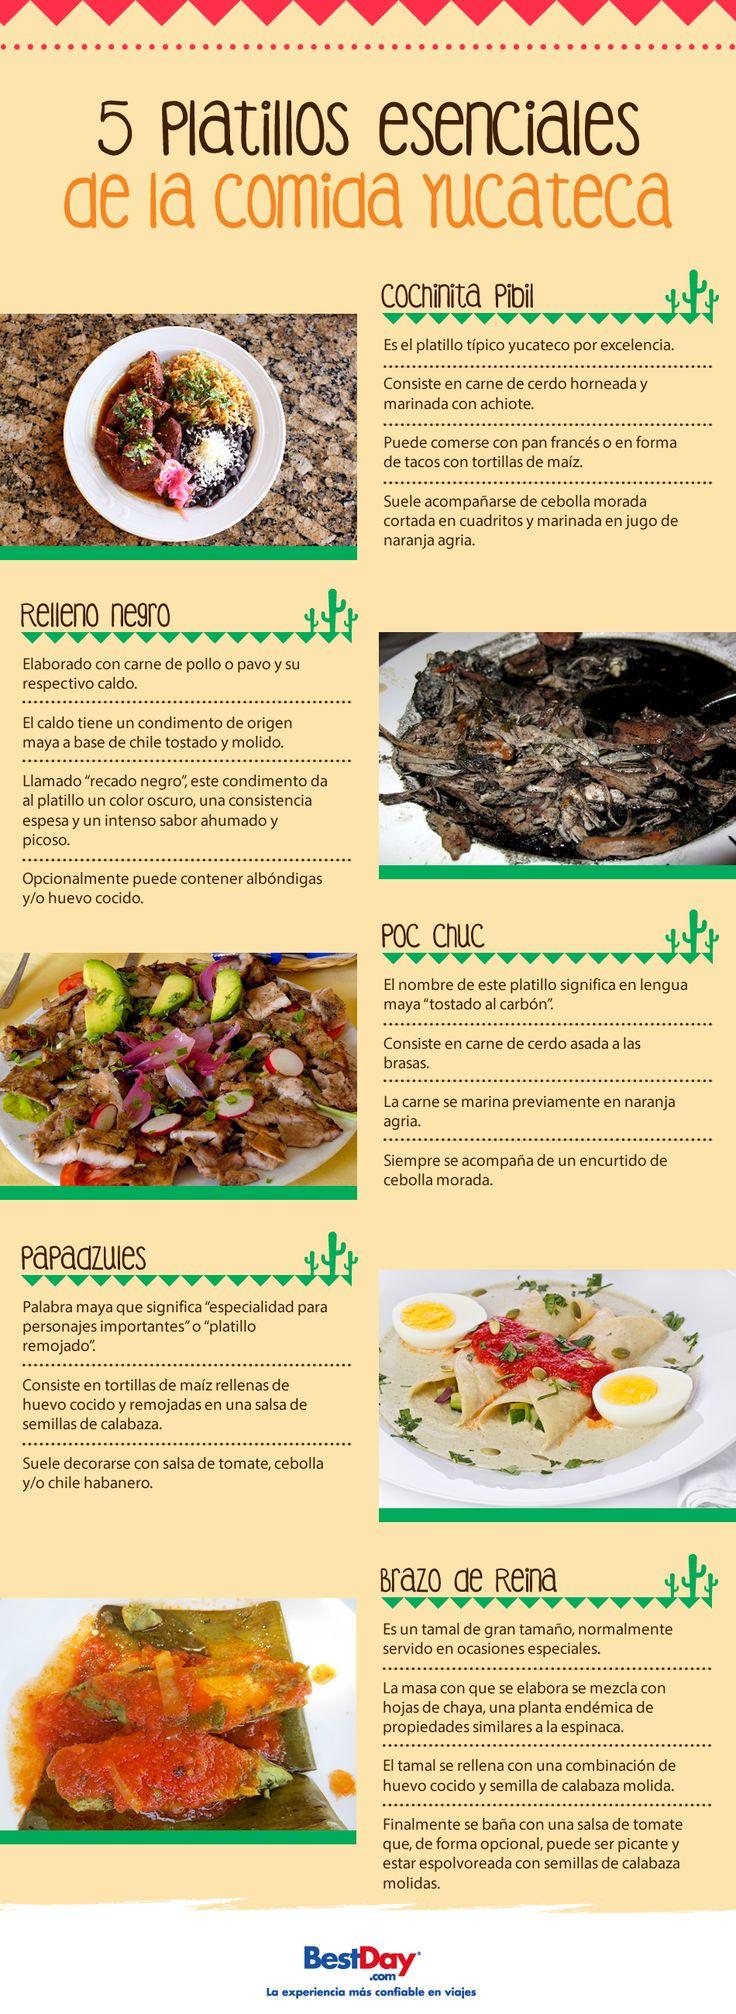 Seguro has oído hablar de la famosa comida yucateca, descubre los fascinantes platillos que estado puede ofrecerte para deleitar tu paladar.